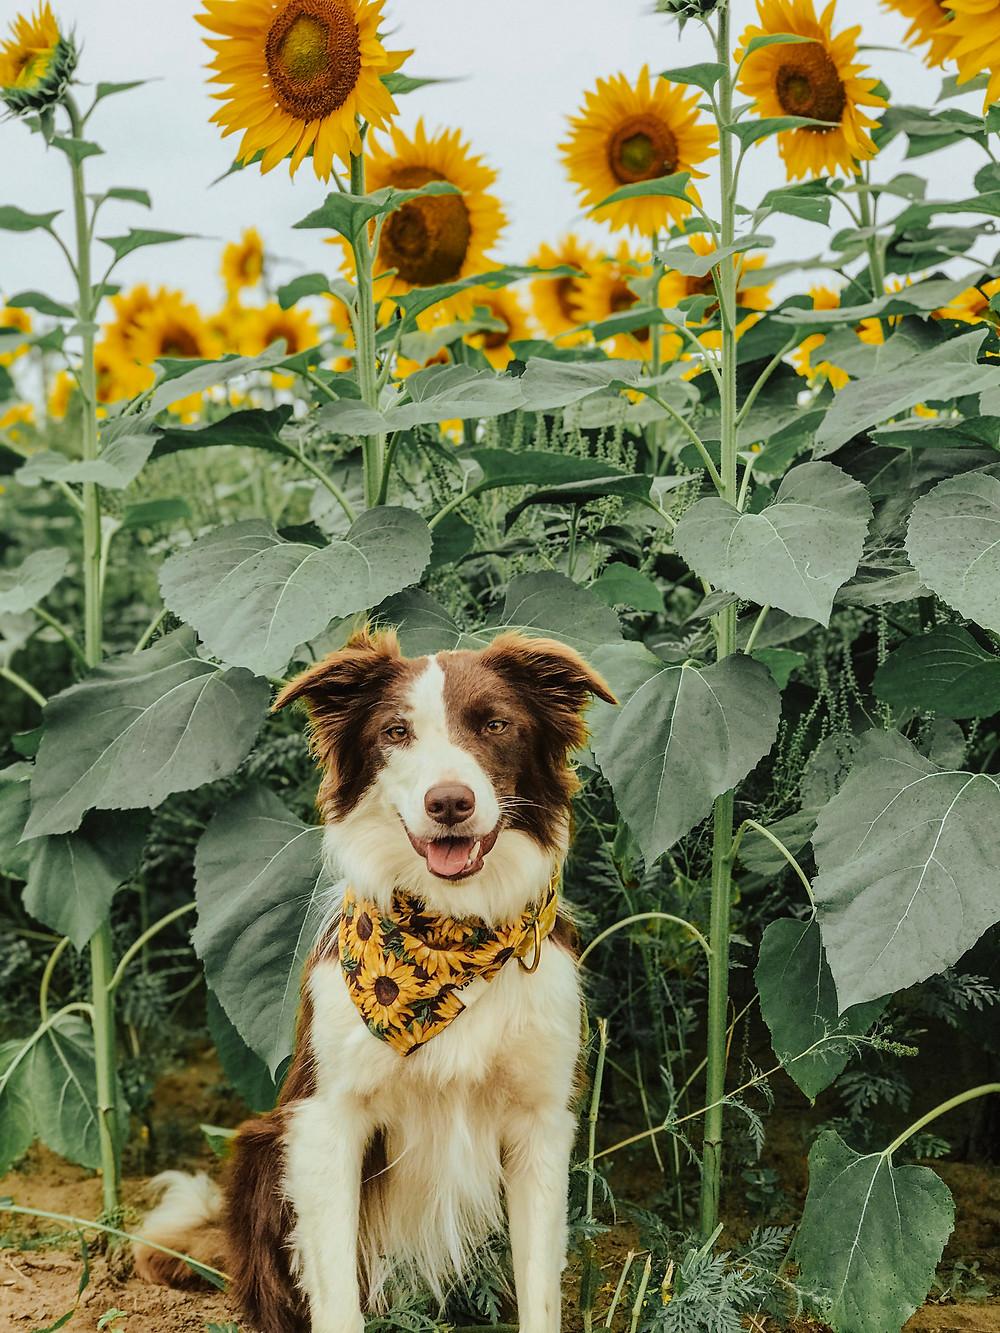 celebrating national dog day